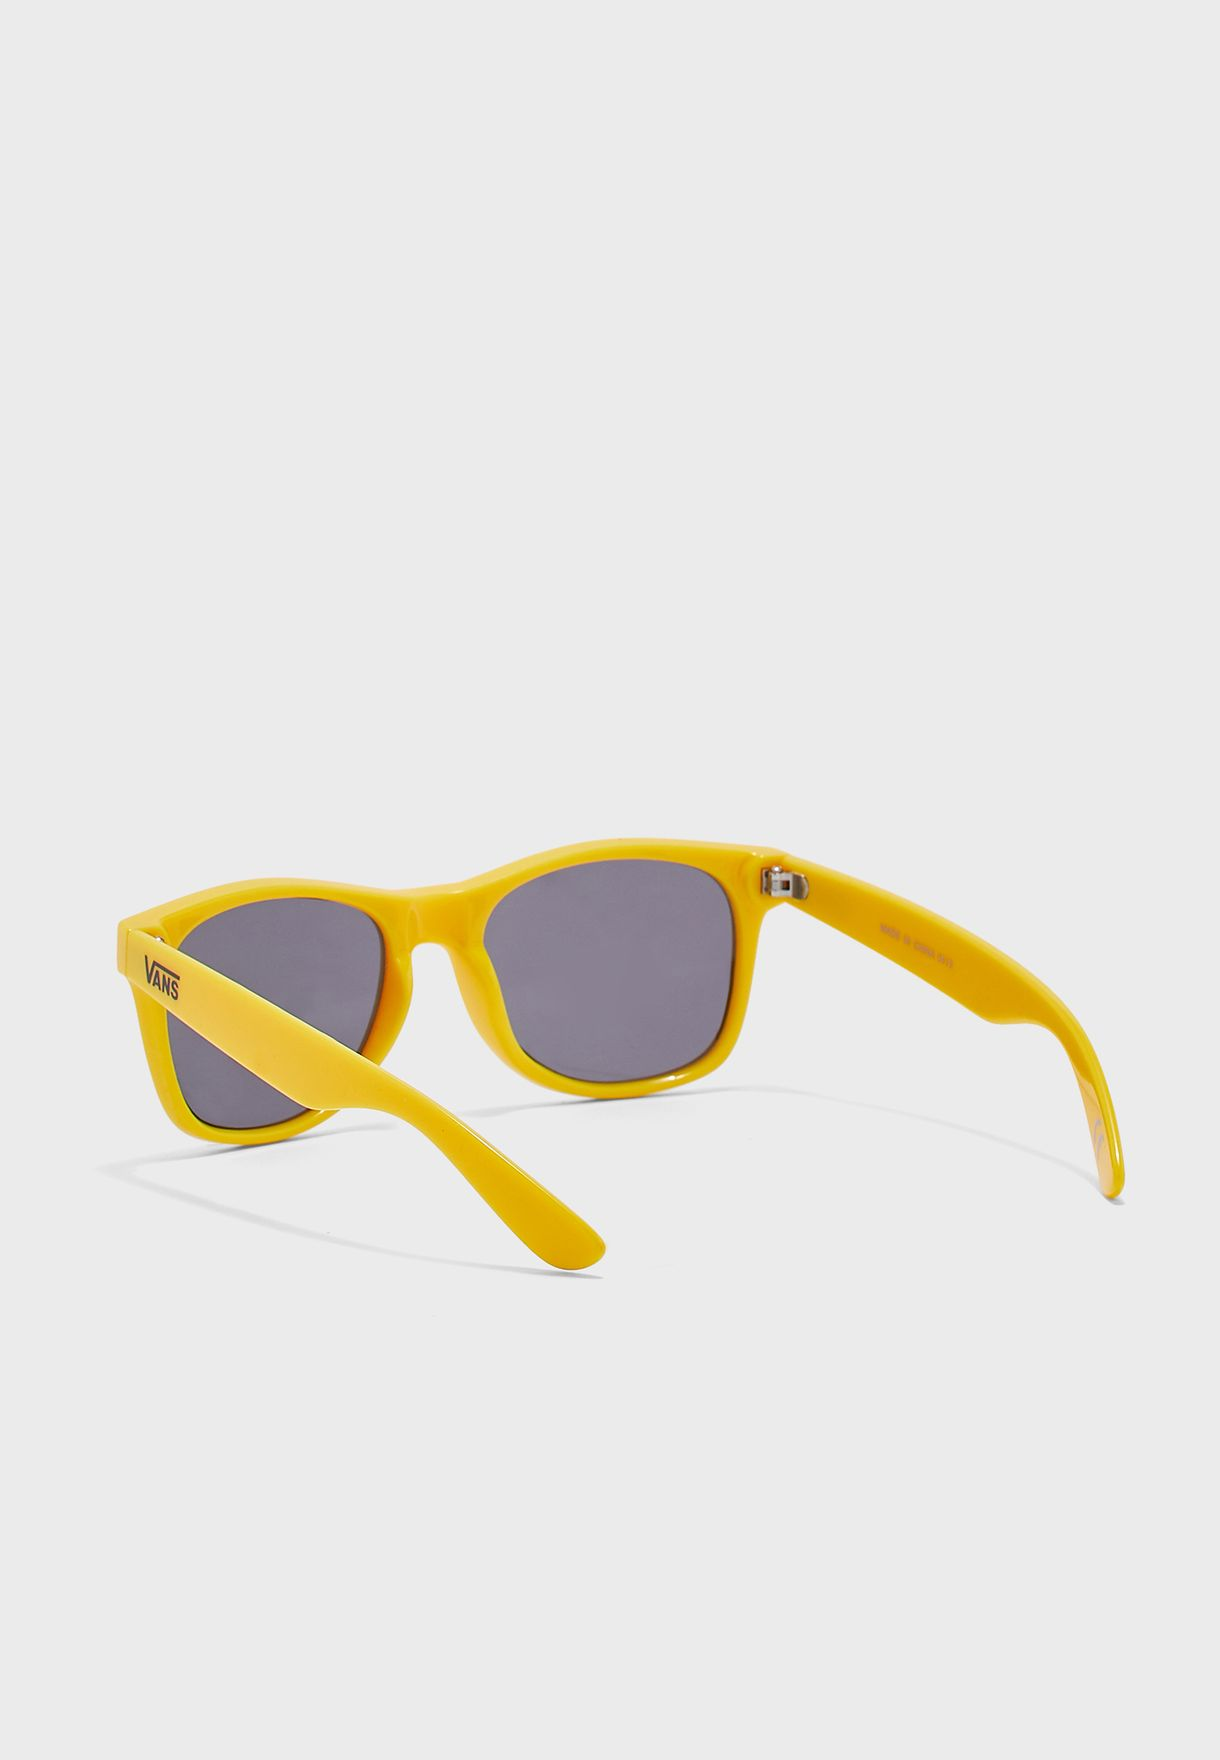 Spicoli 4 Sunglasses